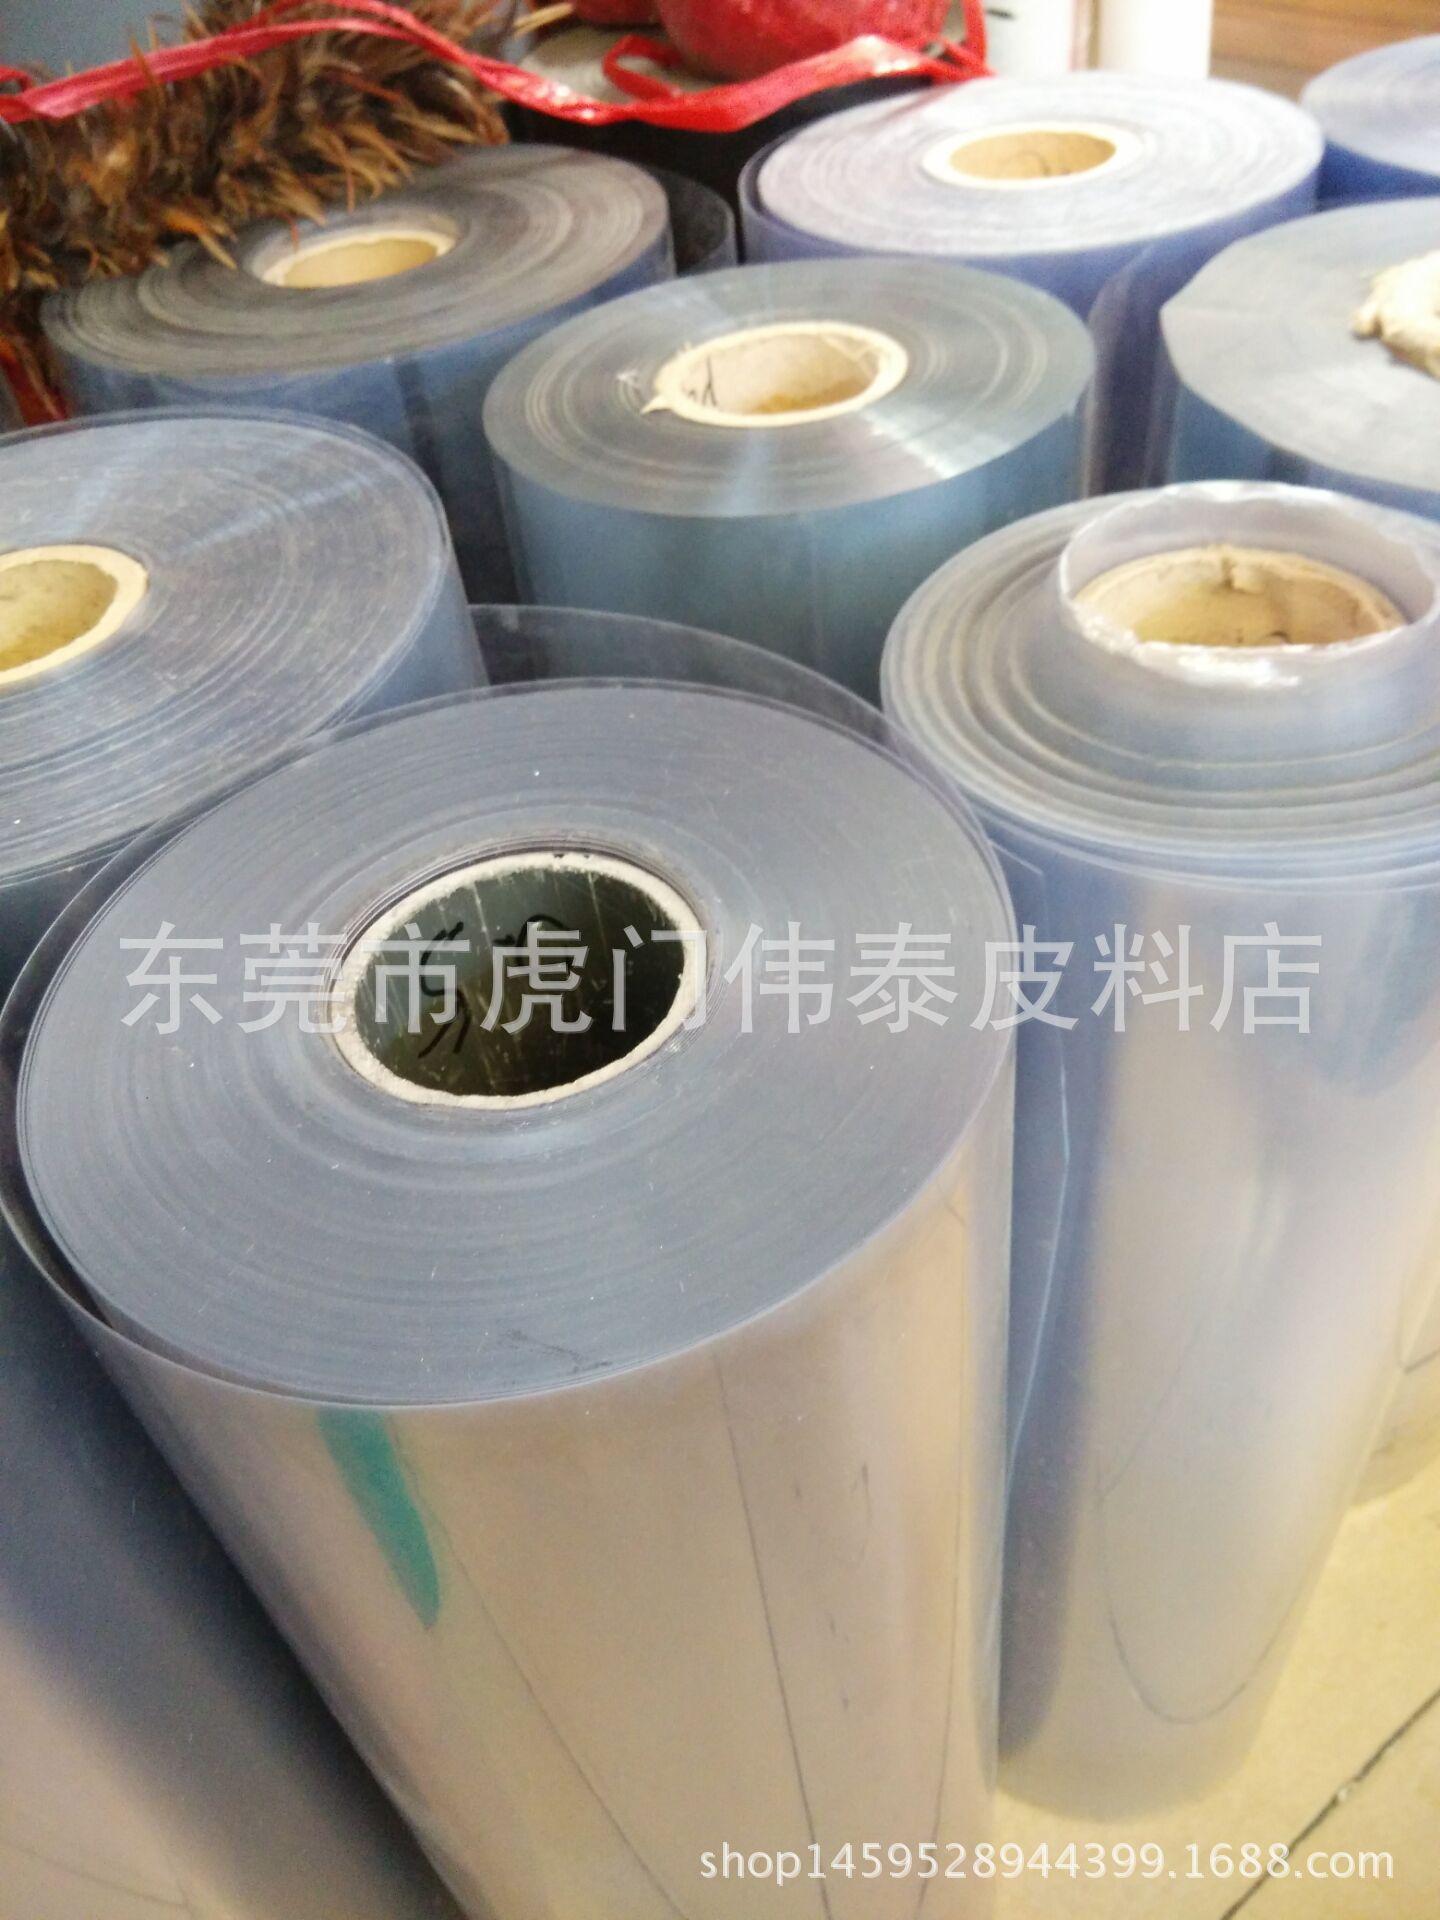 厂家直销pvc塑胶硬片 吸塑圈支装 透明塑胶硬片  全新料 可散买